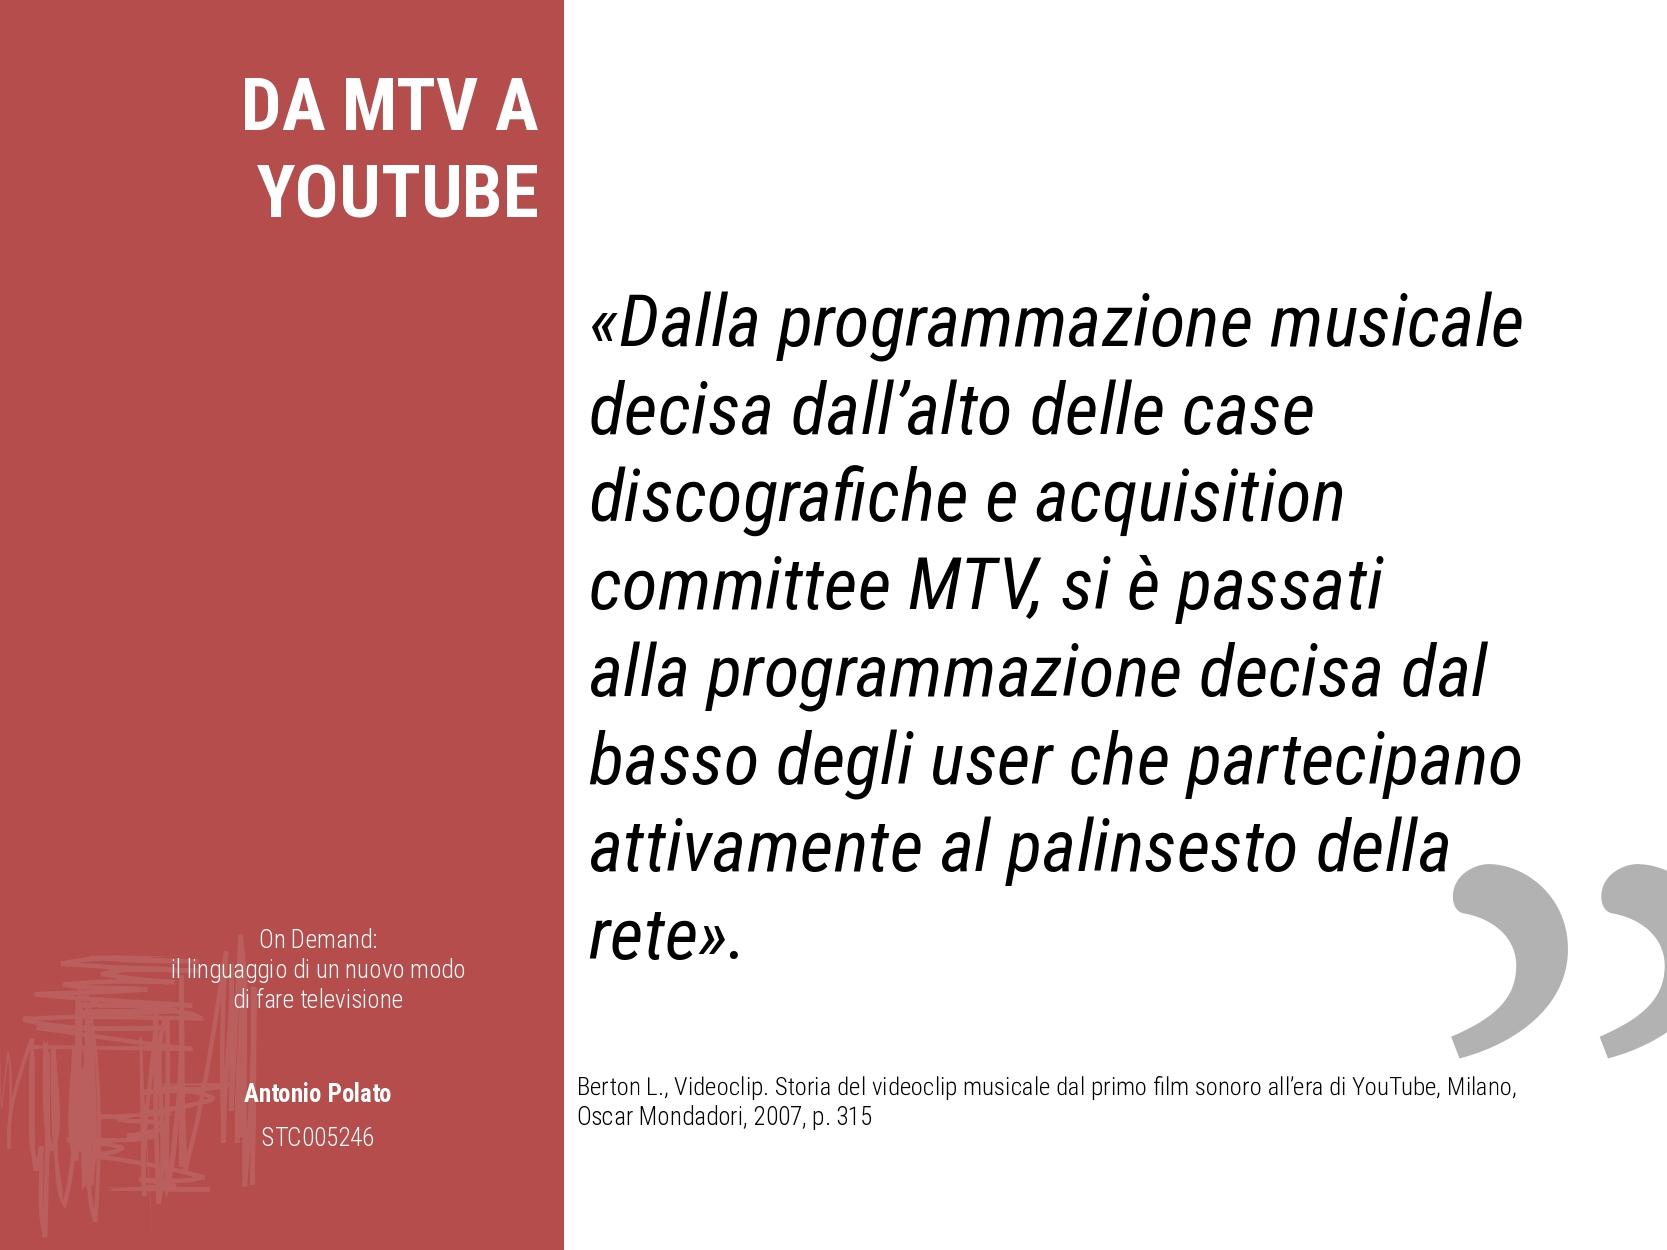 On demand il linguaggio di un nuovo modo di fare la televisione Antonio Polato da mtv a youtube